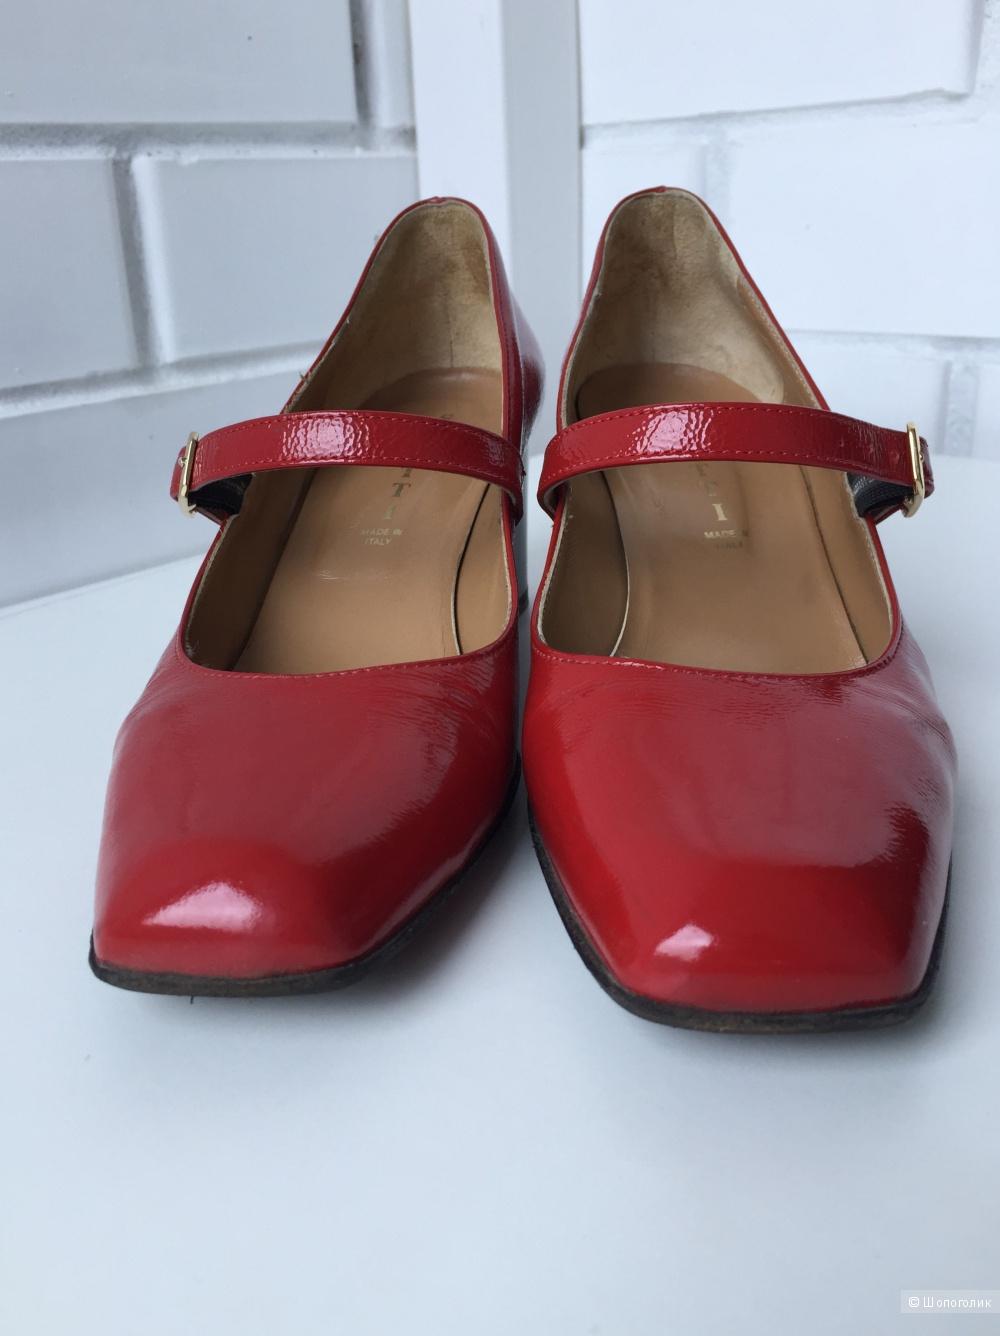 Красные лакированные туфли сделаны в Италии 37 р-р